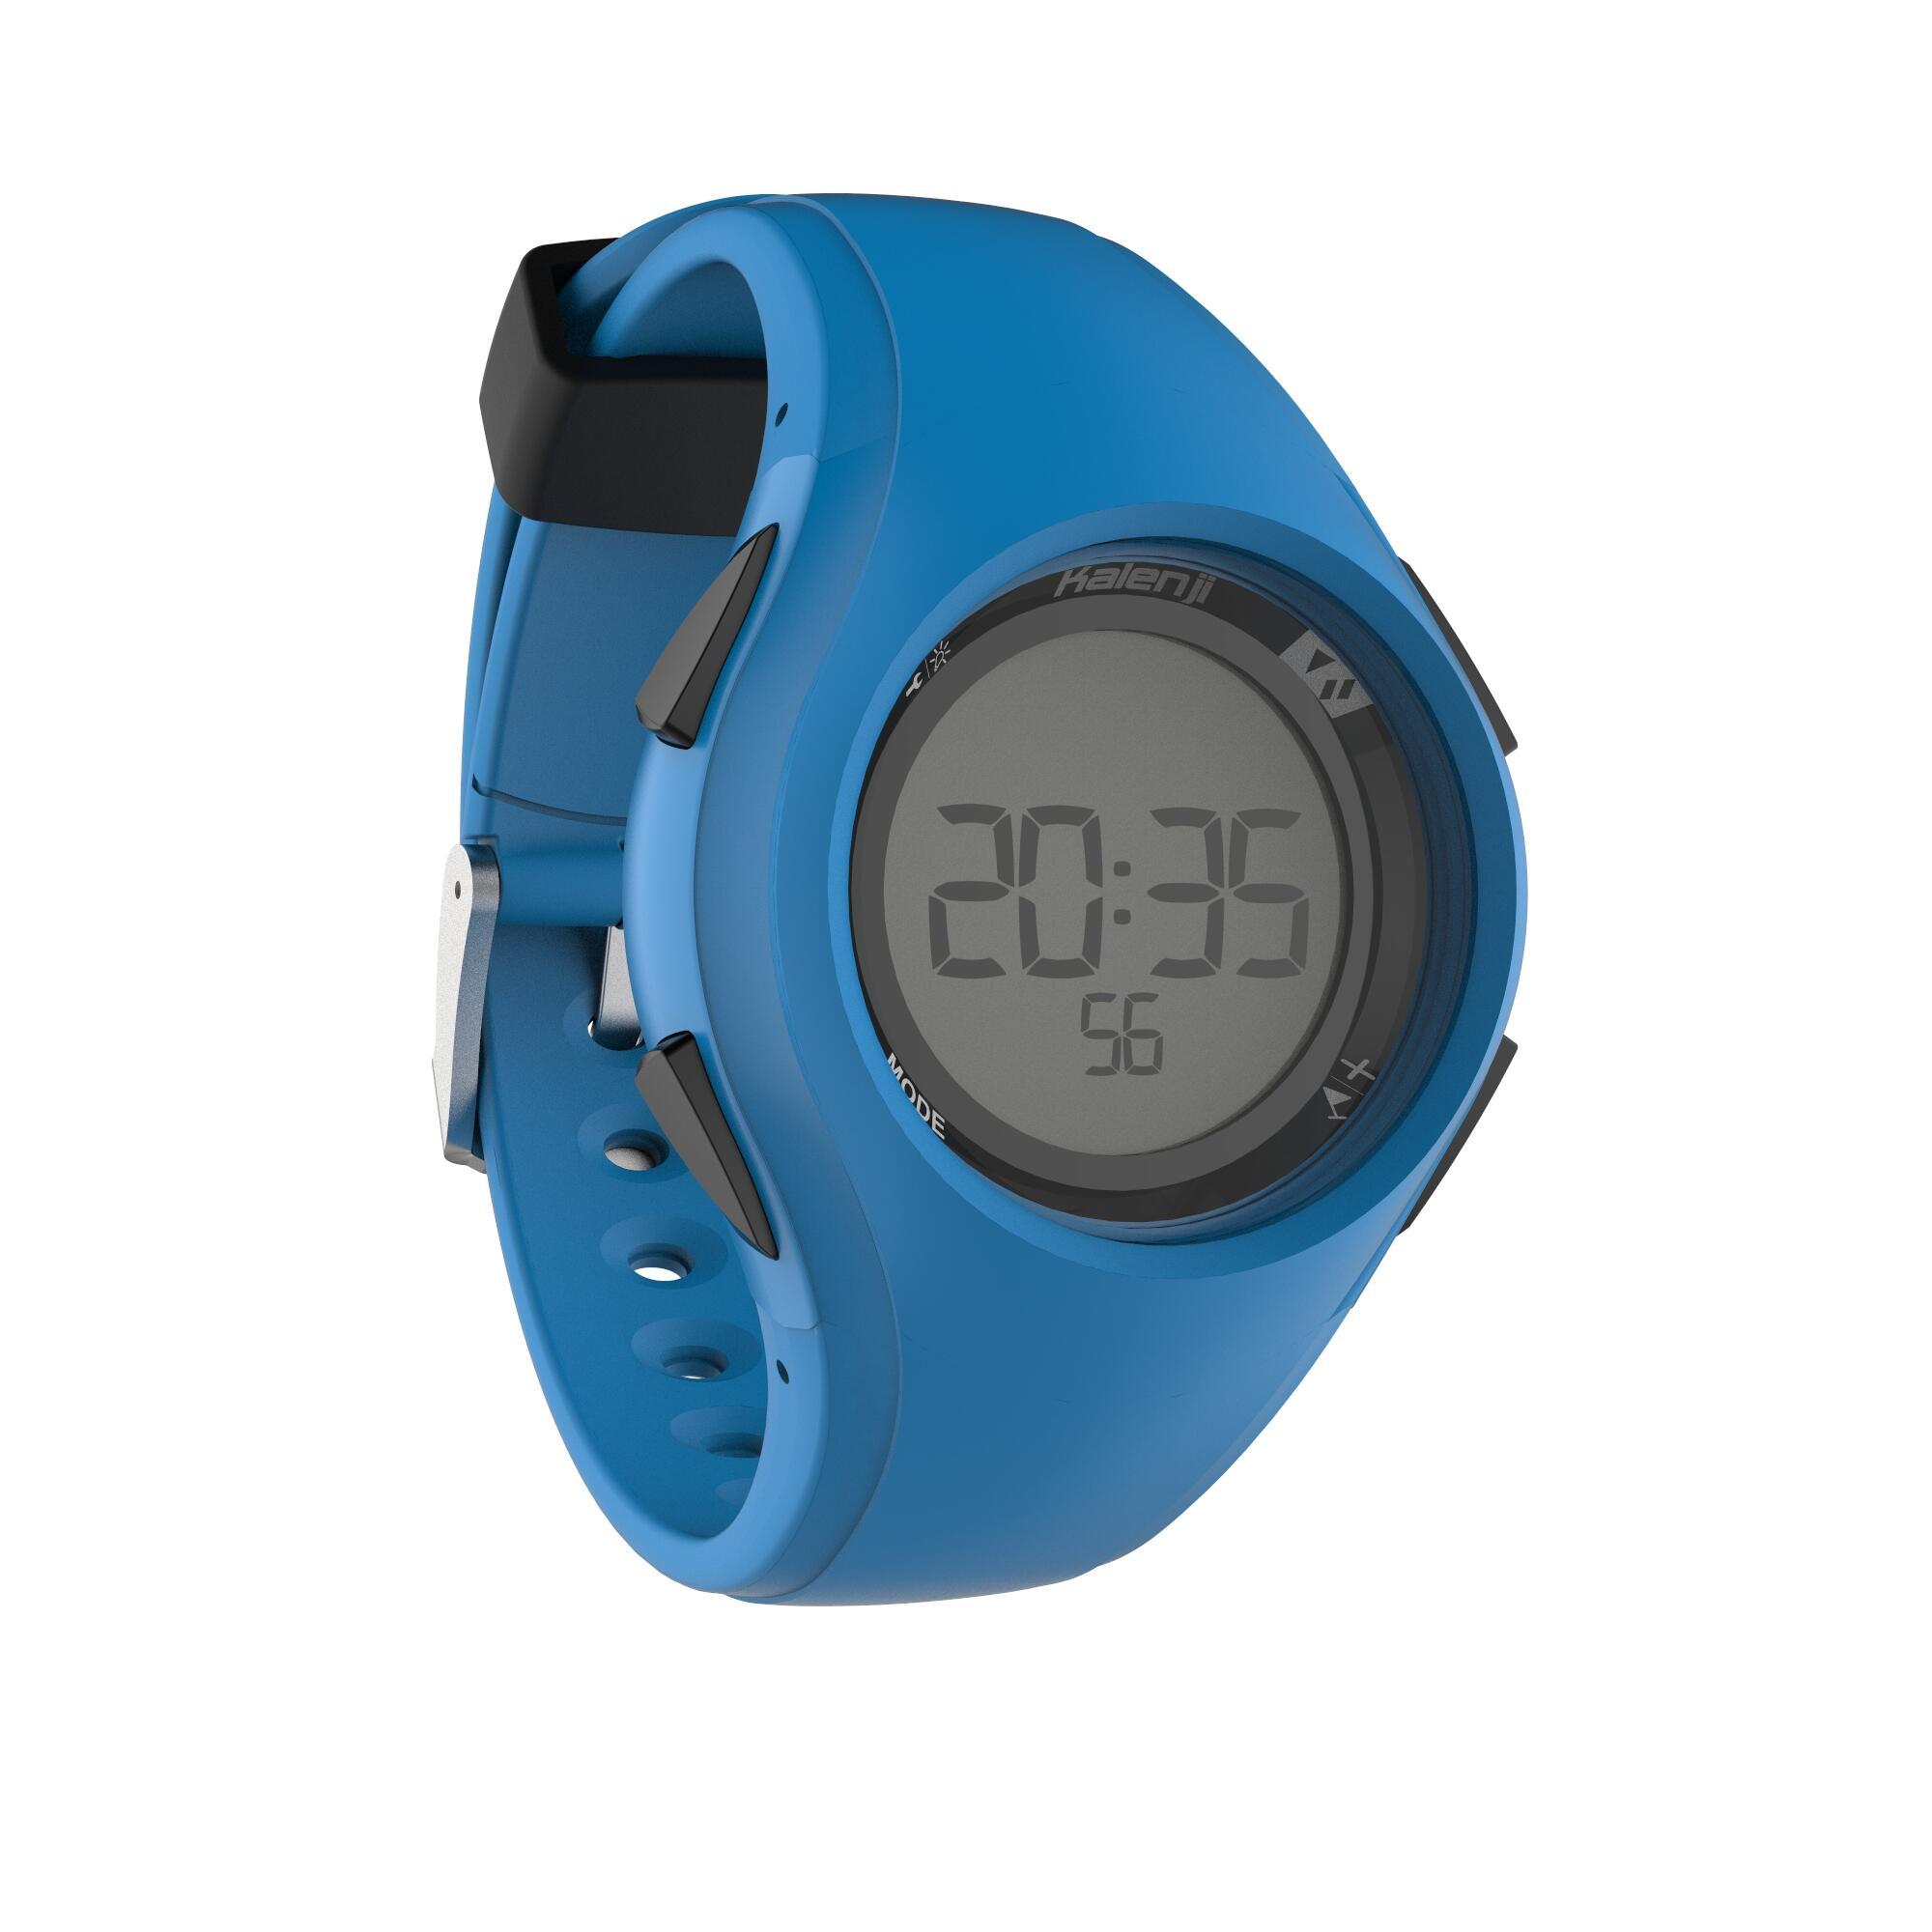 Reloj digital deportivo para hombre W200 M temporizador azul